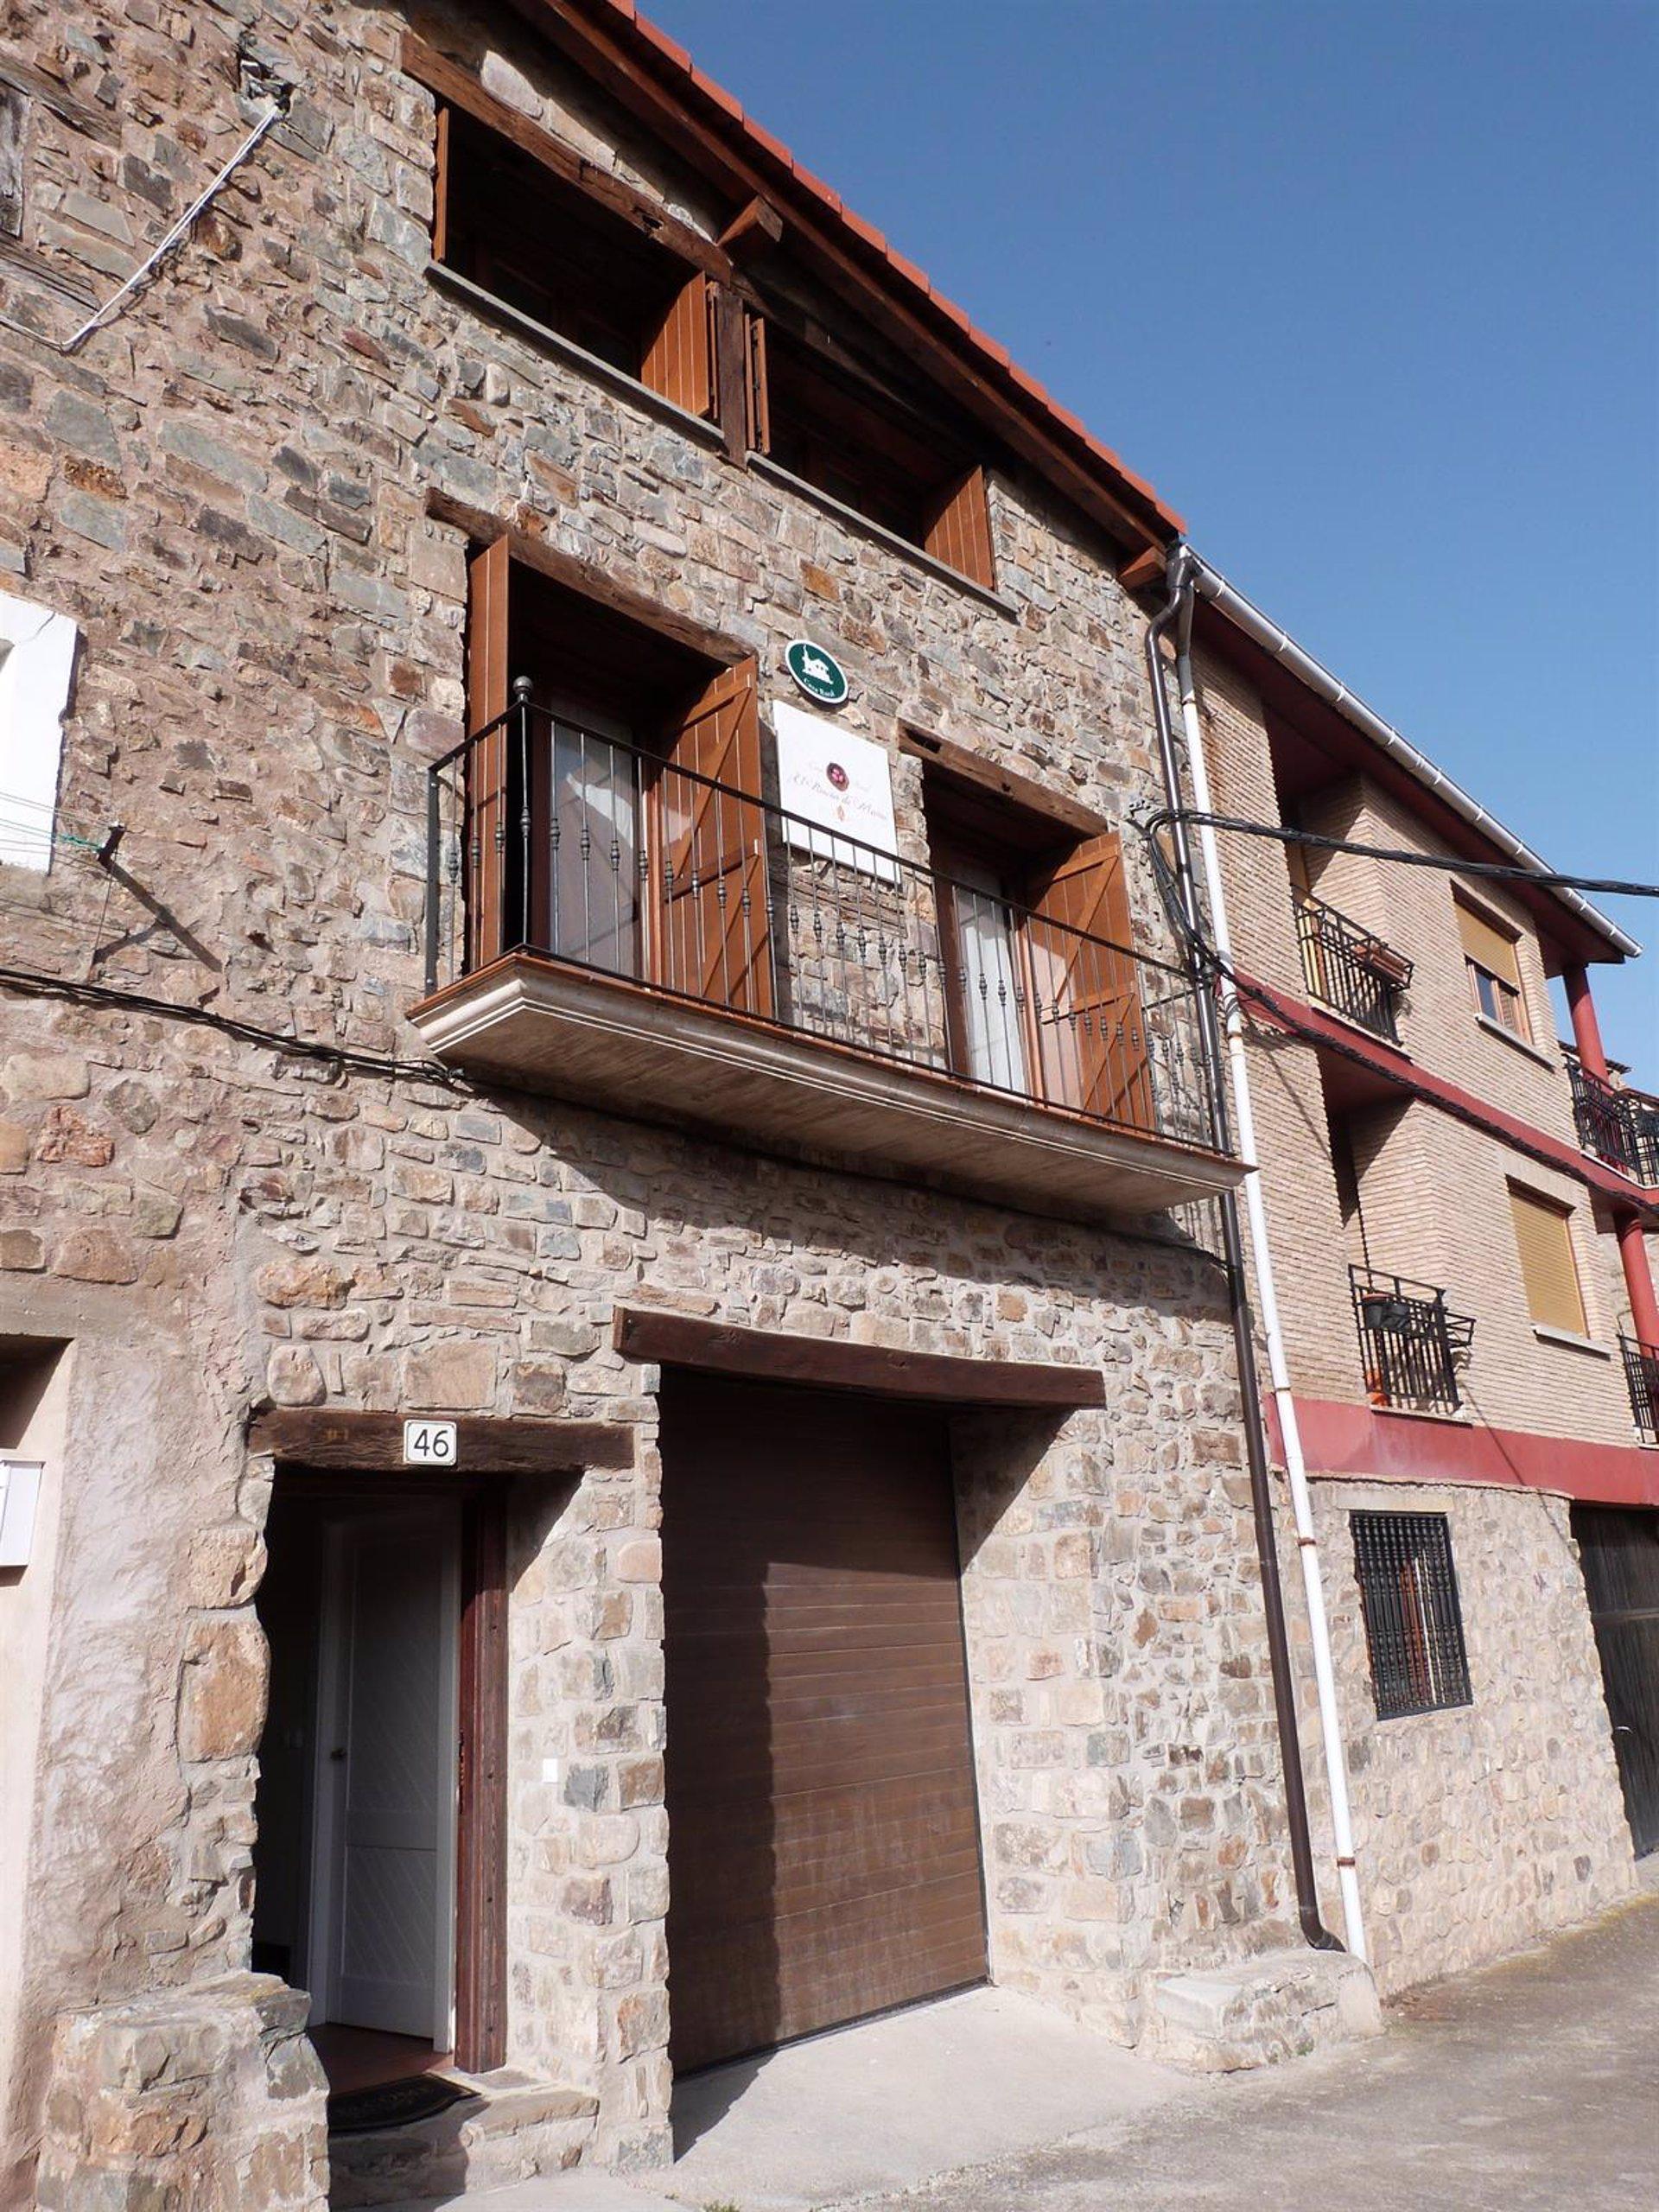 La rioja segunda comunidad con mayor ocupaci n de casas rurales en semana santa - Casas rurales logrono ...